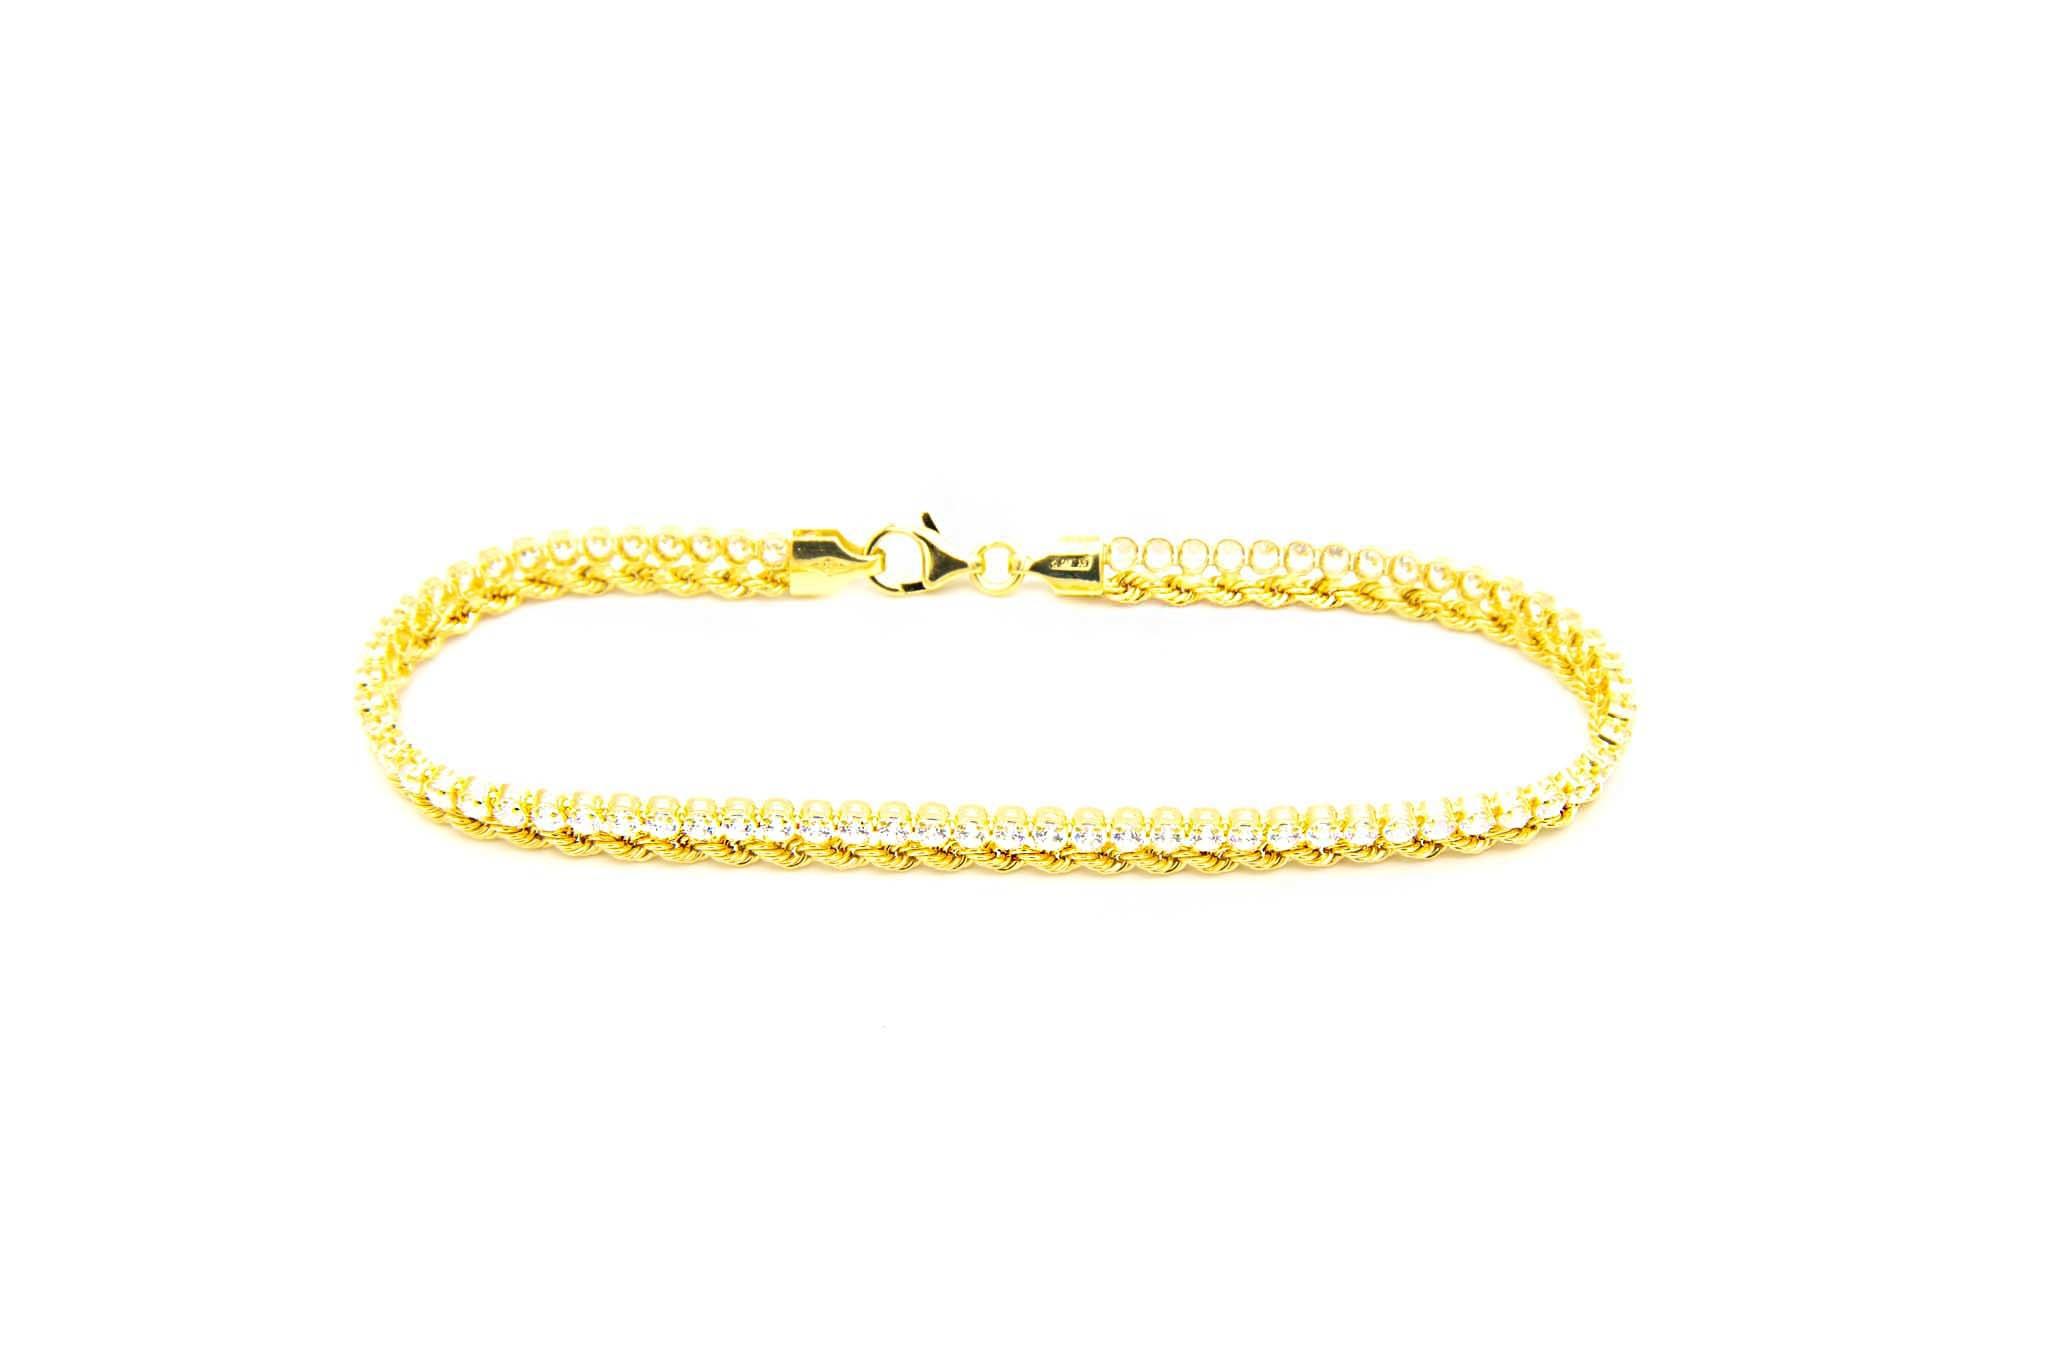 Armband 1 rope chain en 1 zirkonia rij-2